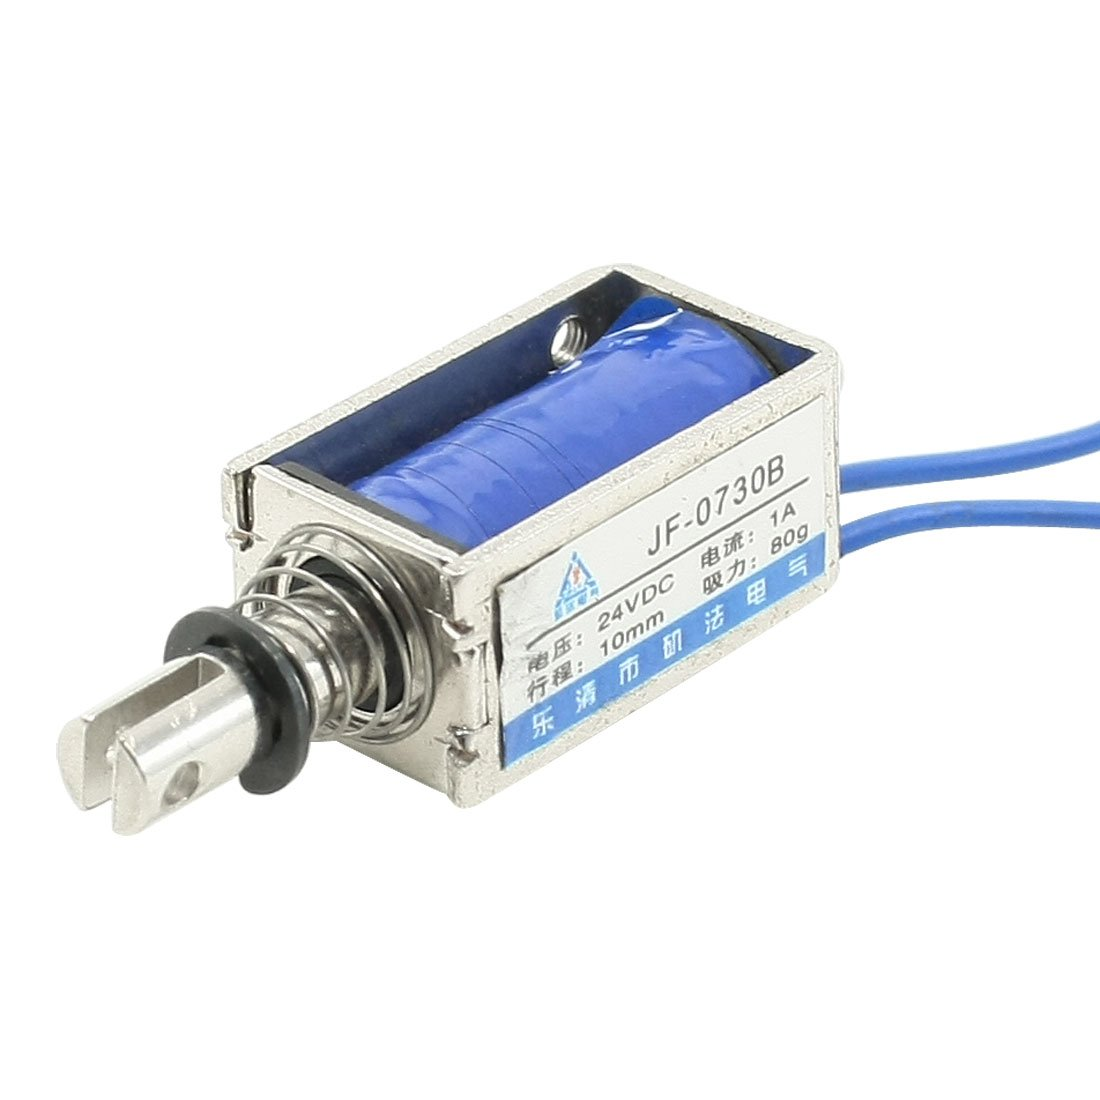 Sourcingmap a13060500ux0004 Dc 24v 1a empuje tipo de tracci/ón marco abierto electroim/án solenoide 10mm 80g